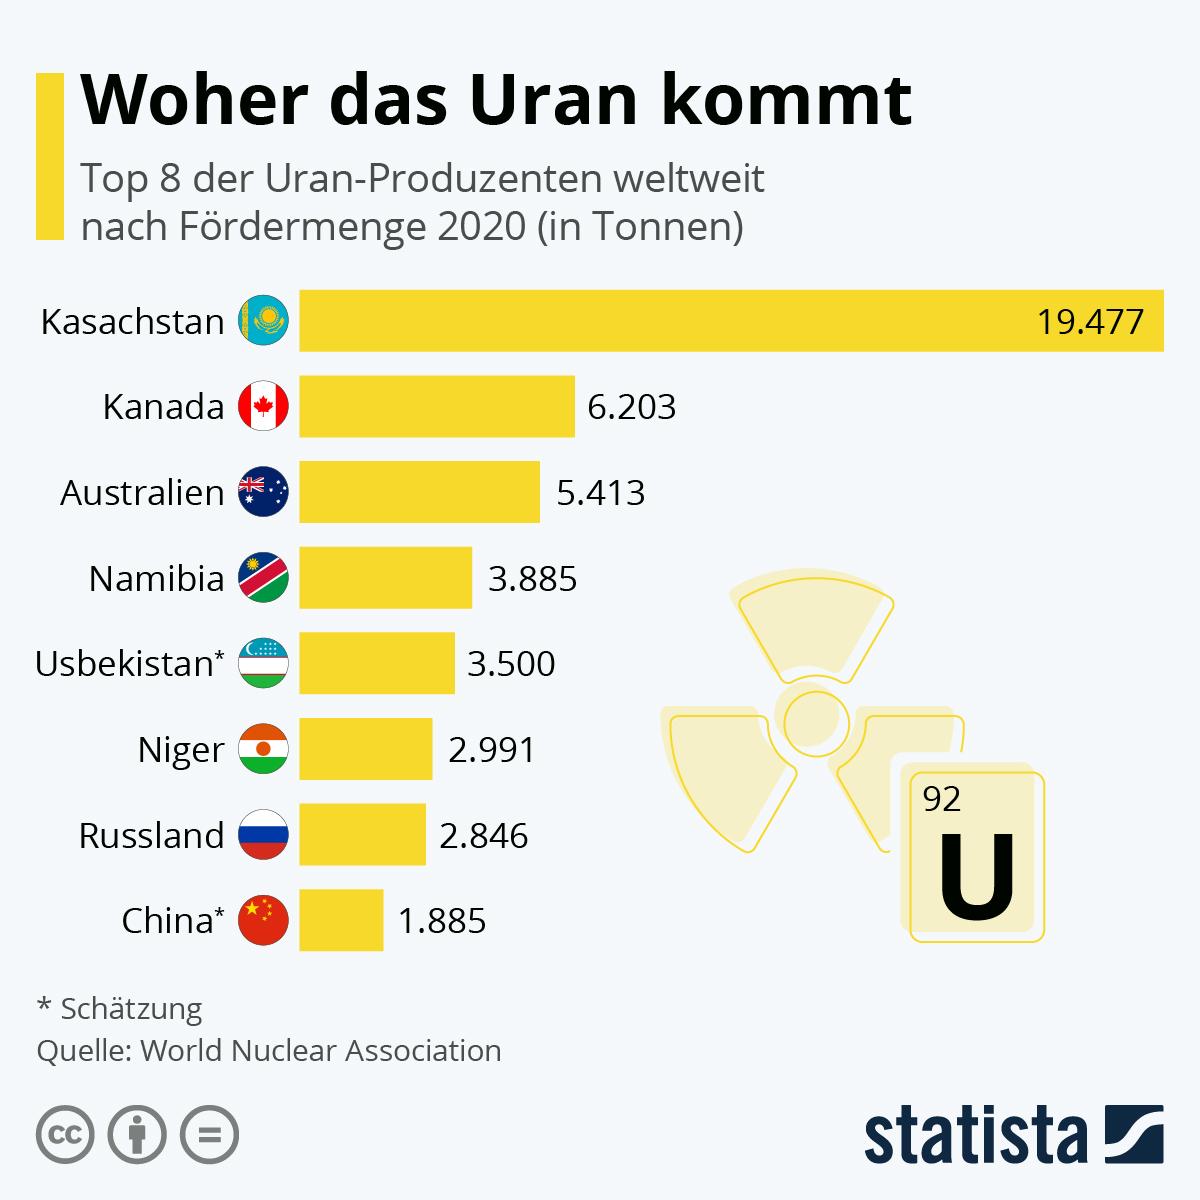 Woher das Uran kommt | Statista